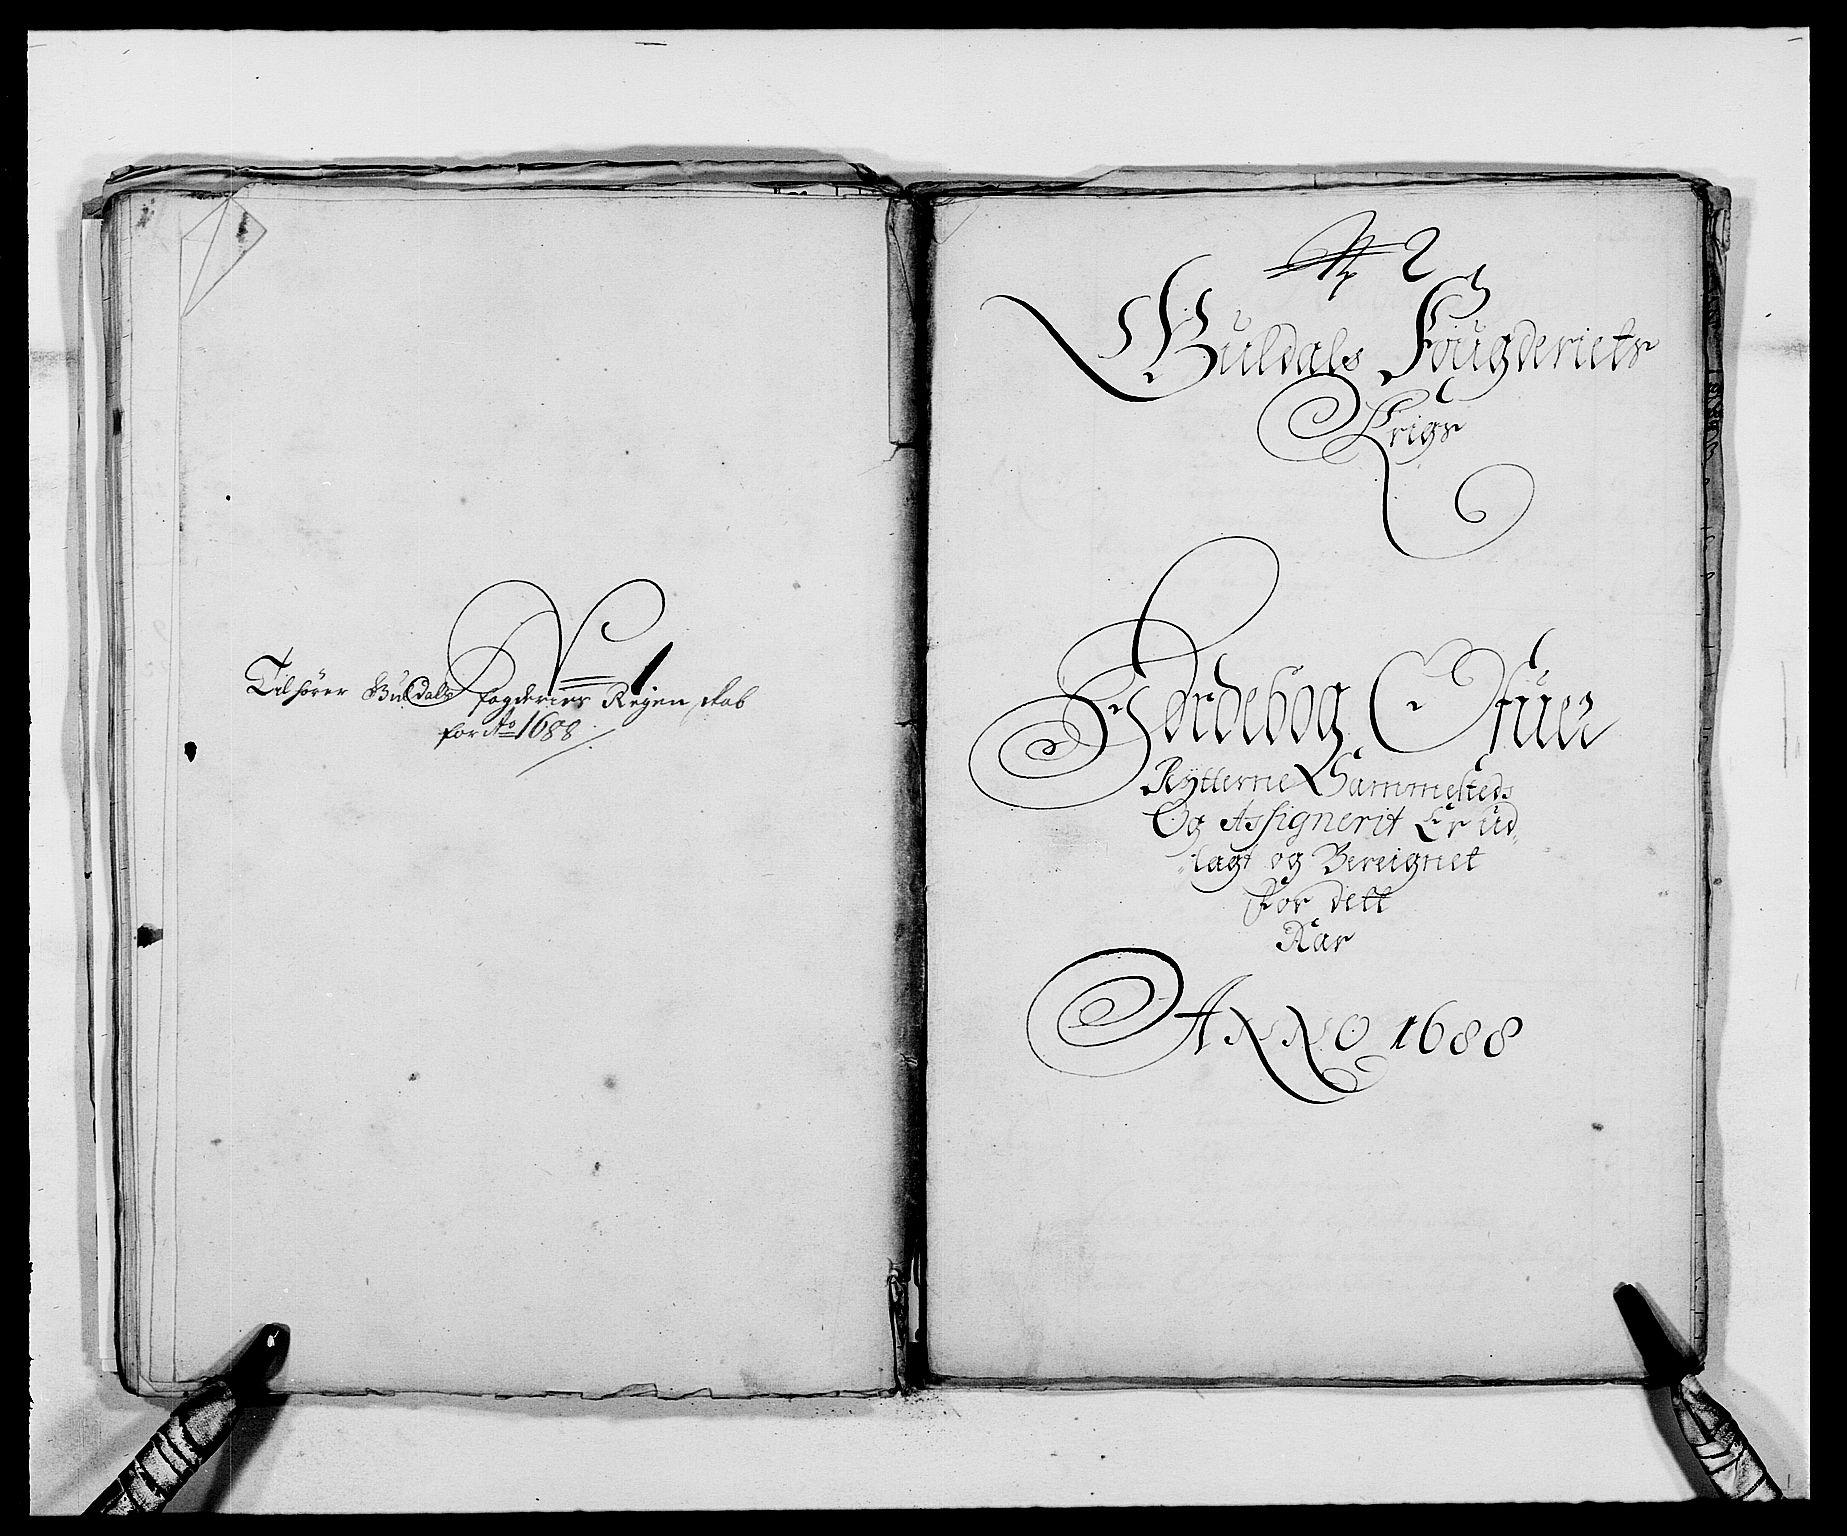 RA, Rentekammeret inntil 1814, Reviderte regnskaper, Fogderegnskap, R59/L3939: Fogderegnskap Gauldal, 1687-1688, s. 330